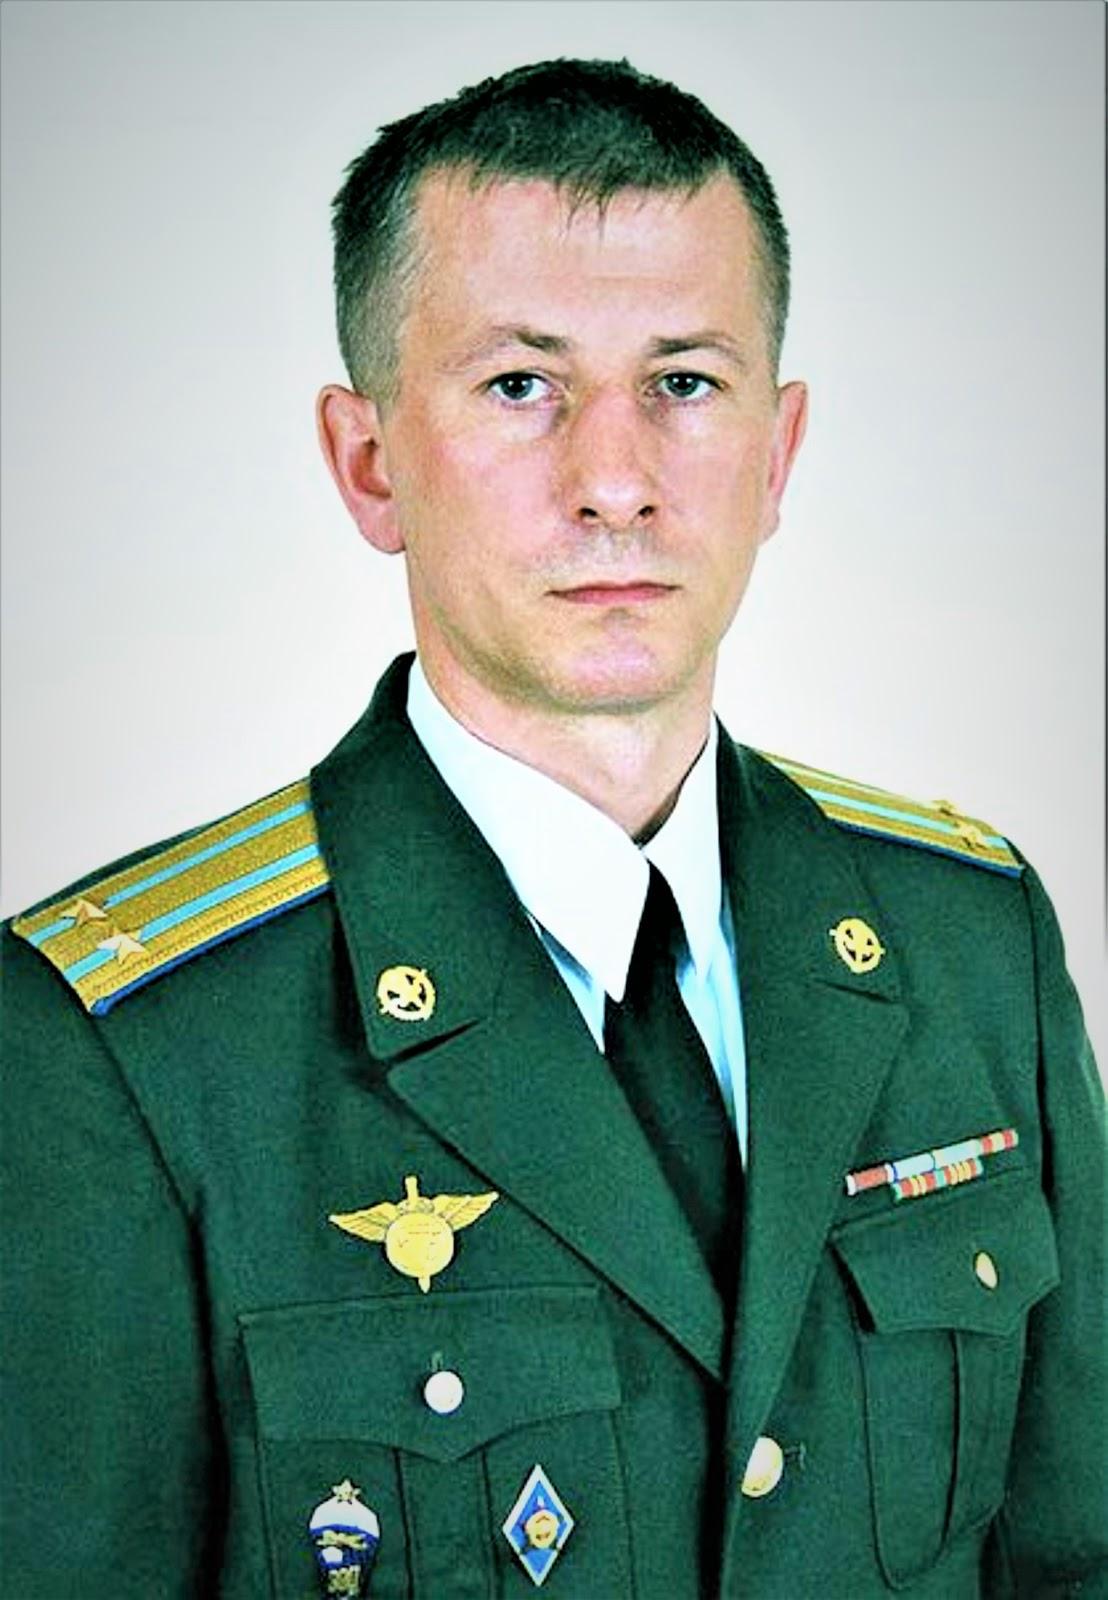 Умер Непряхин Андрей Анатольевич